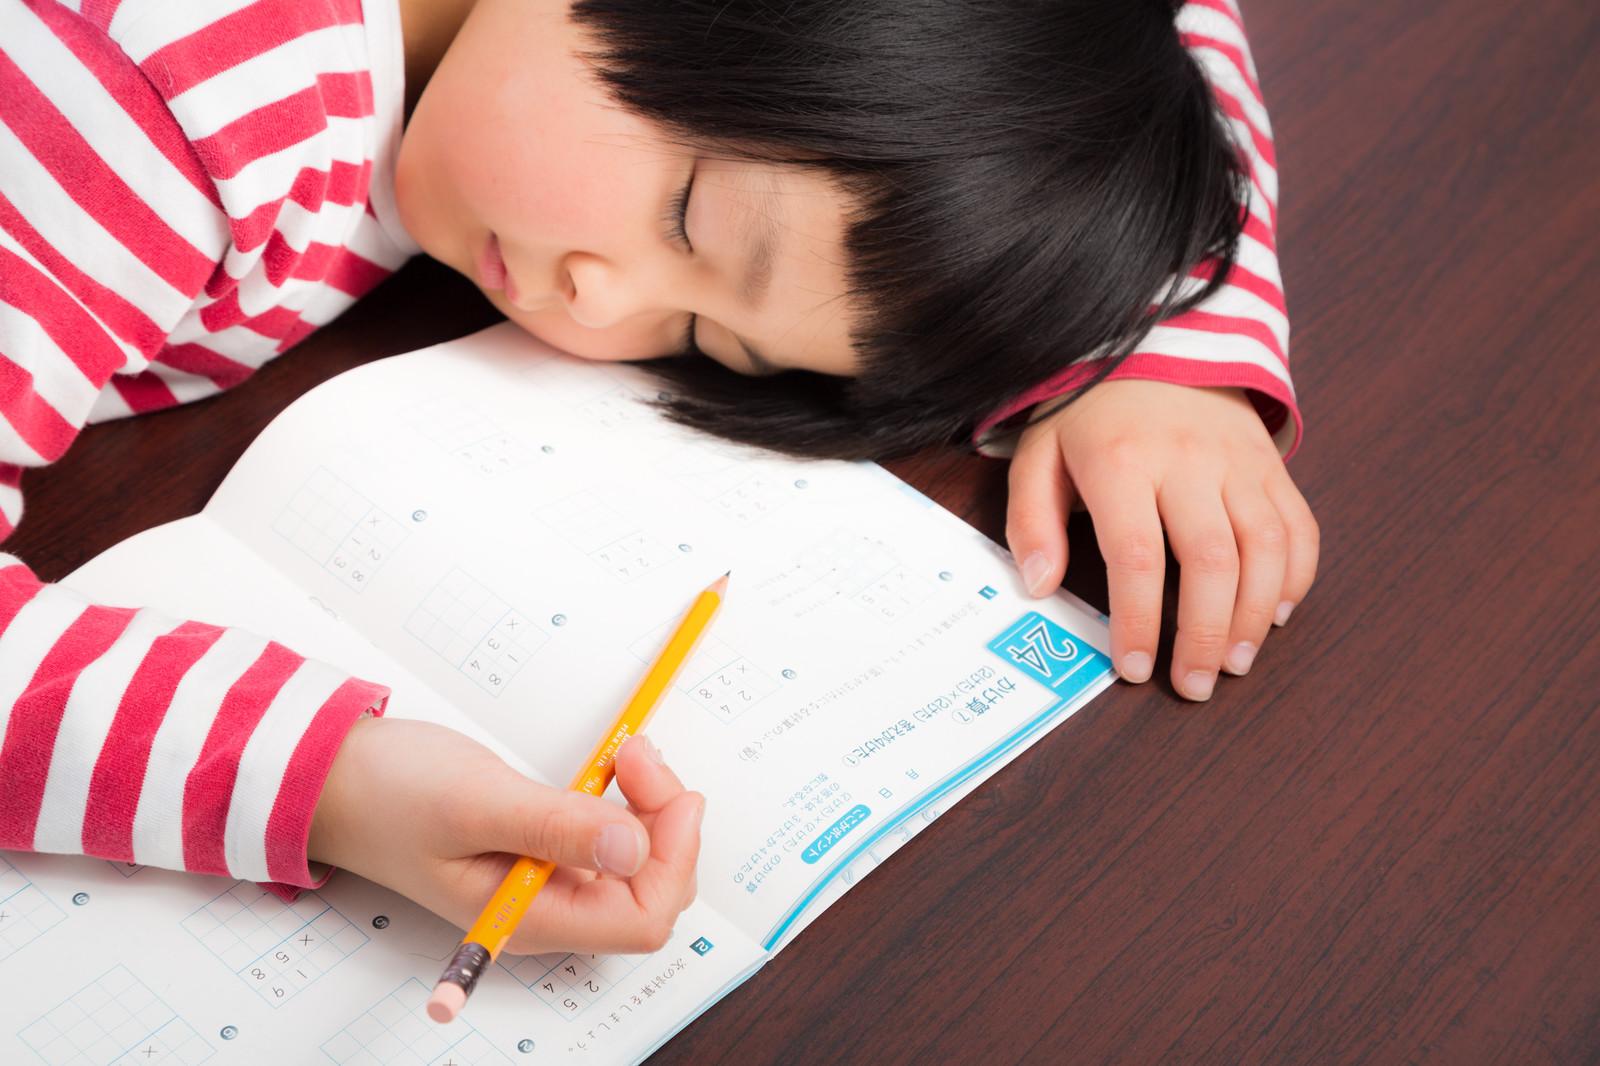 食後の眠気を覚ます方法